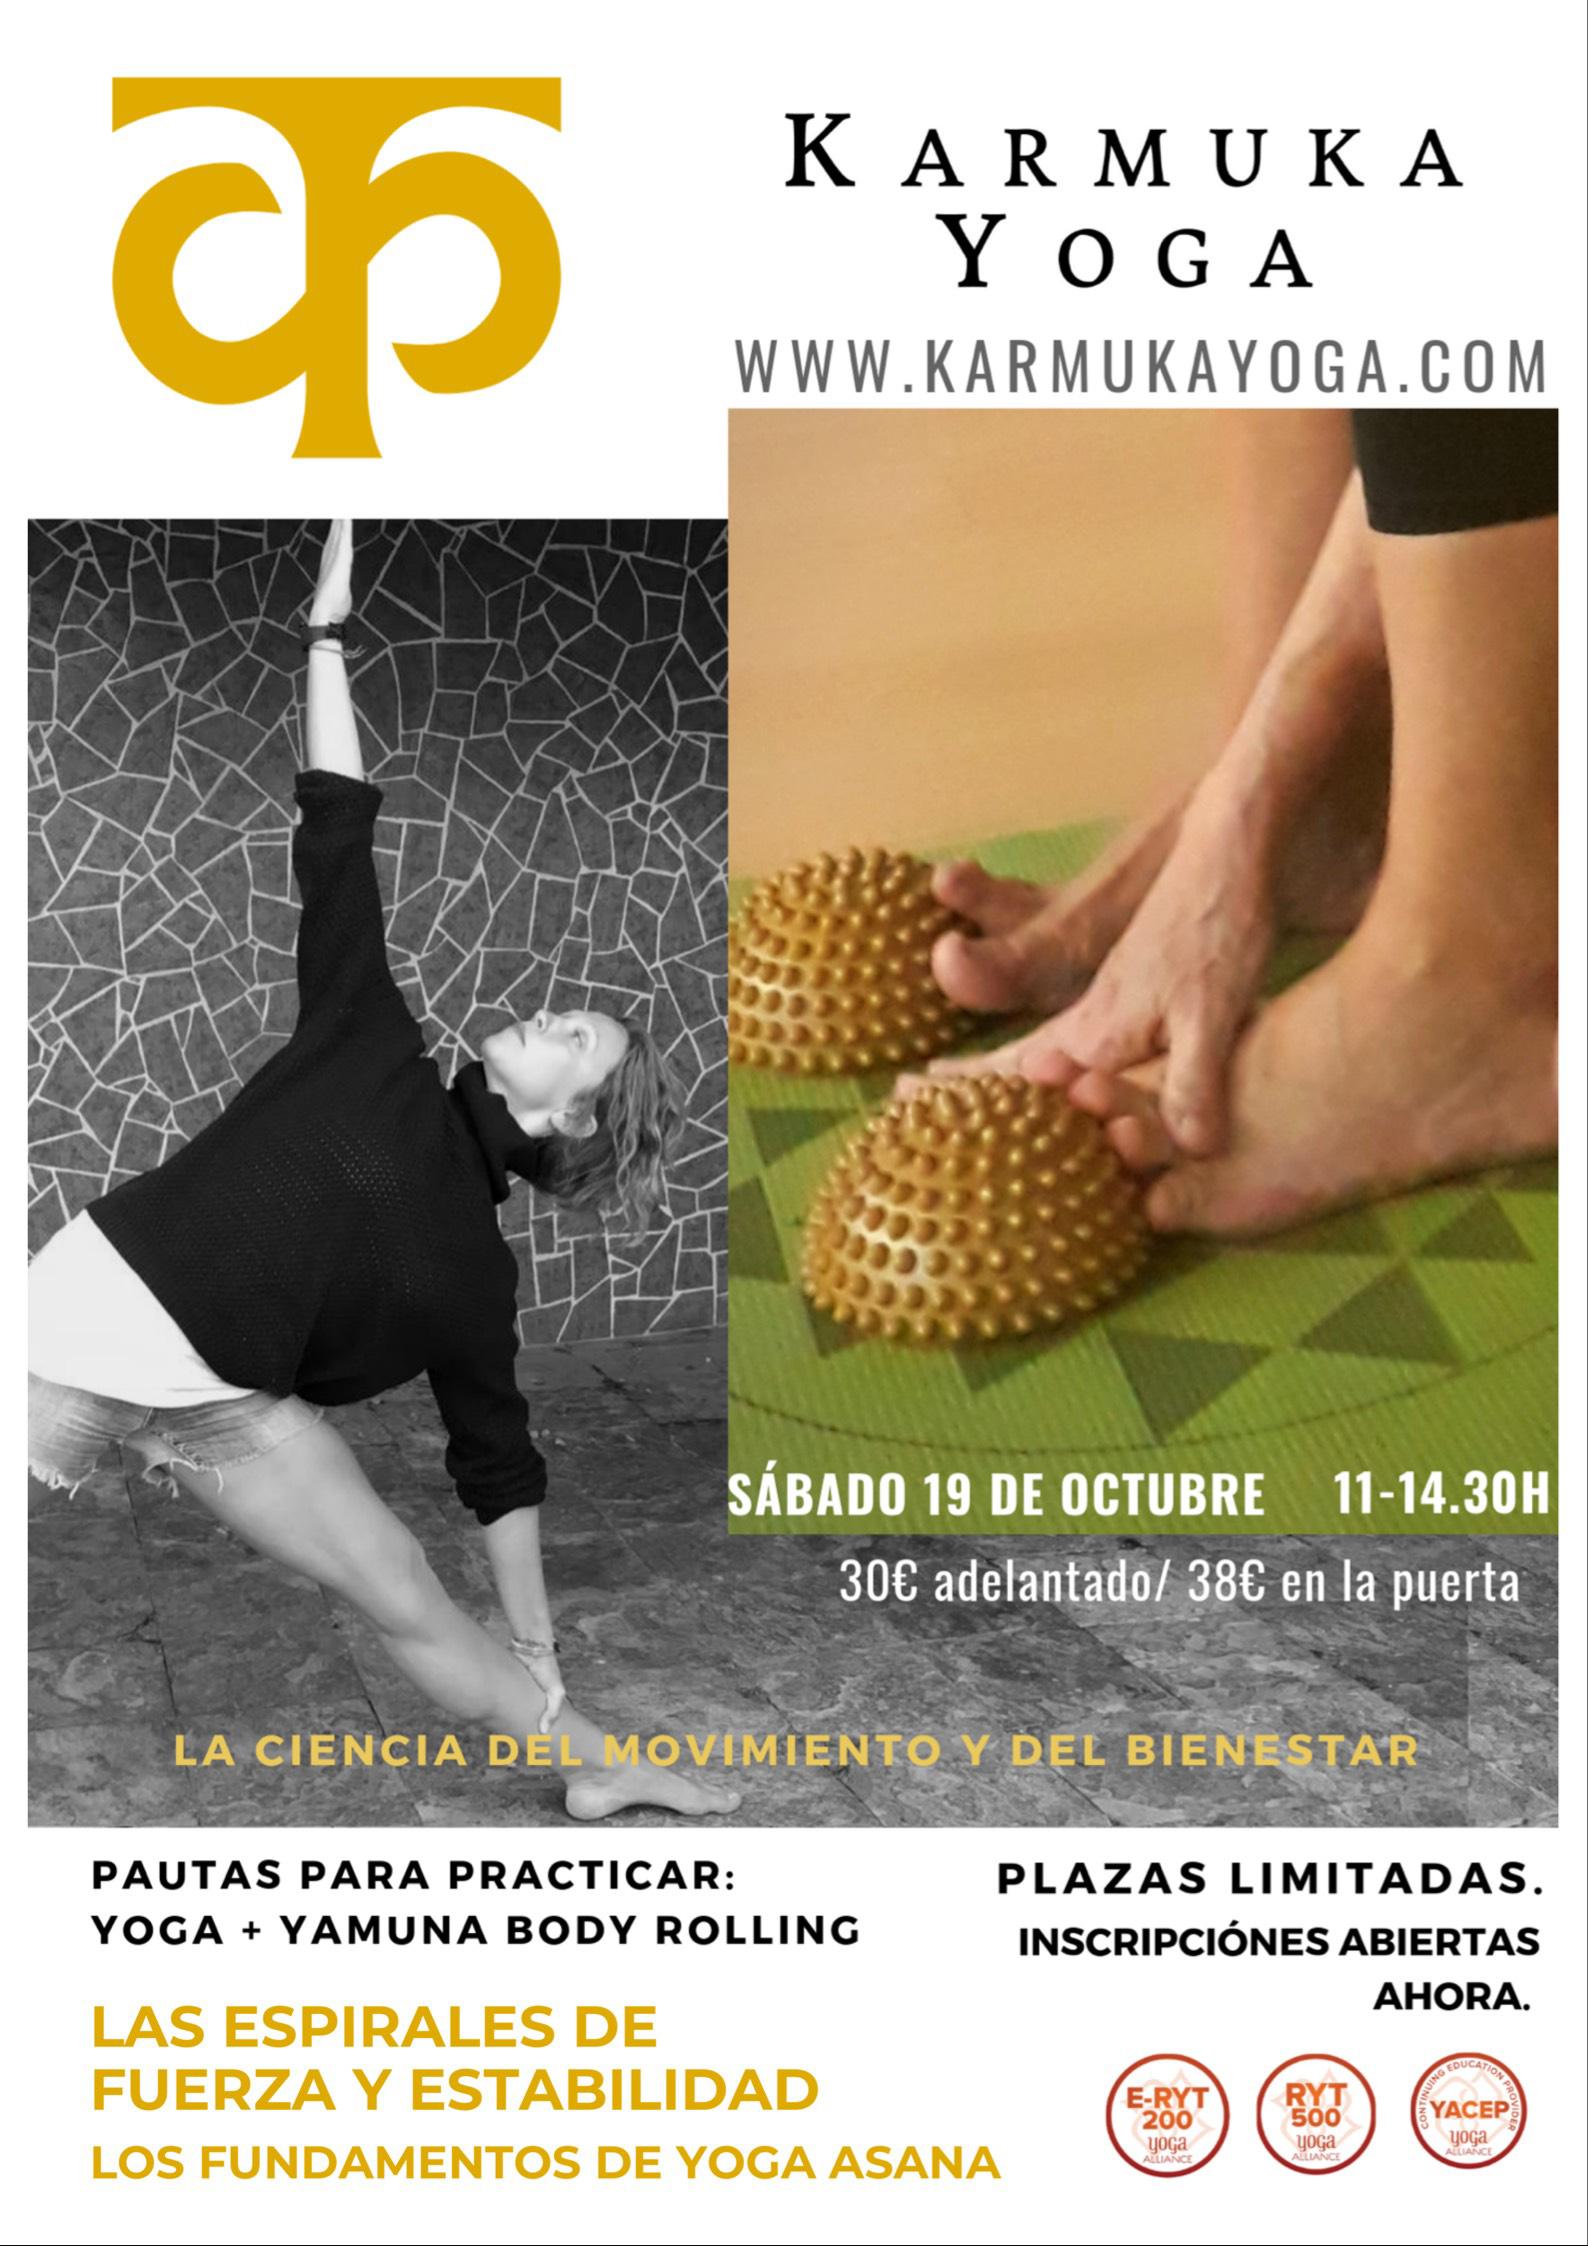 Asana - Karmuka Yoga